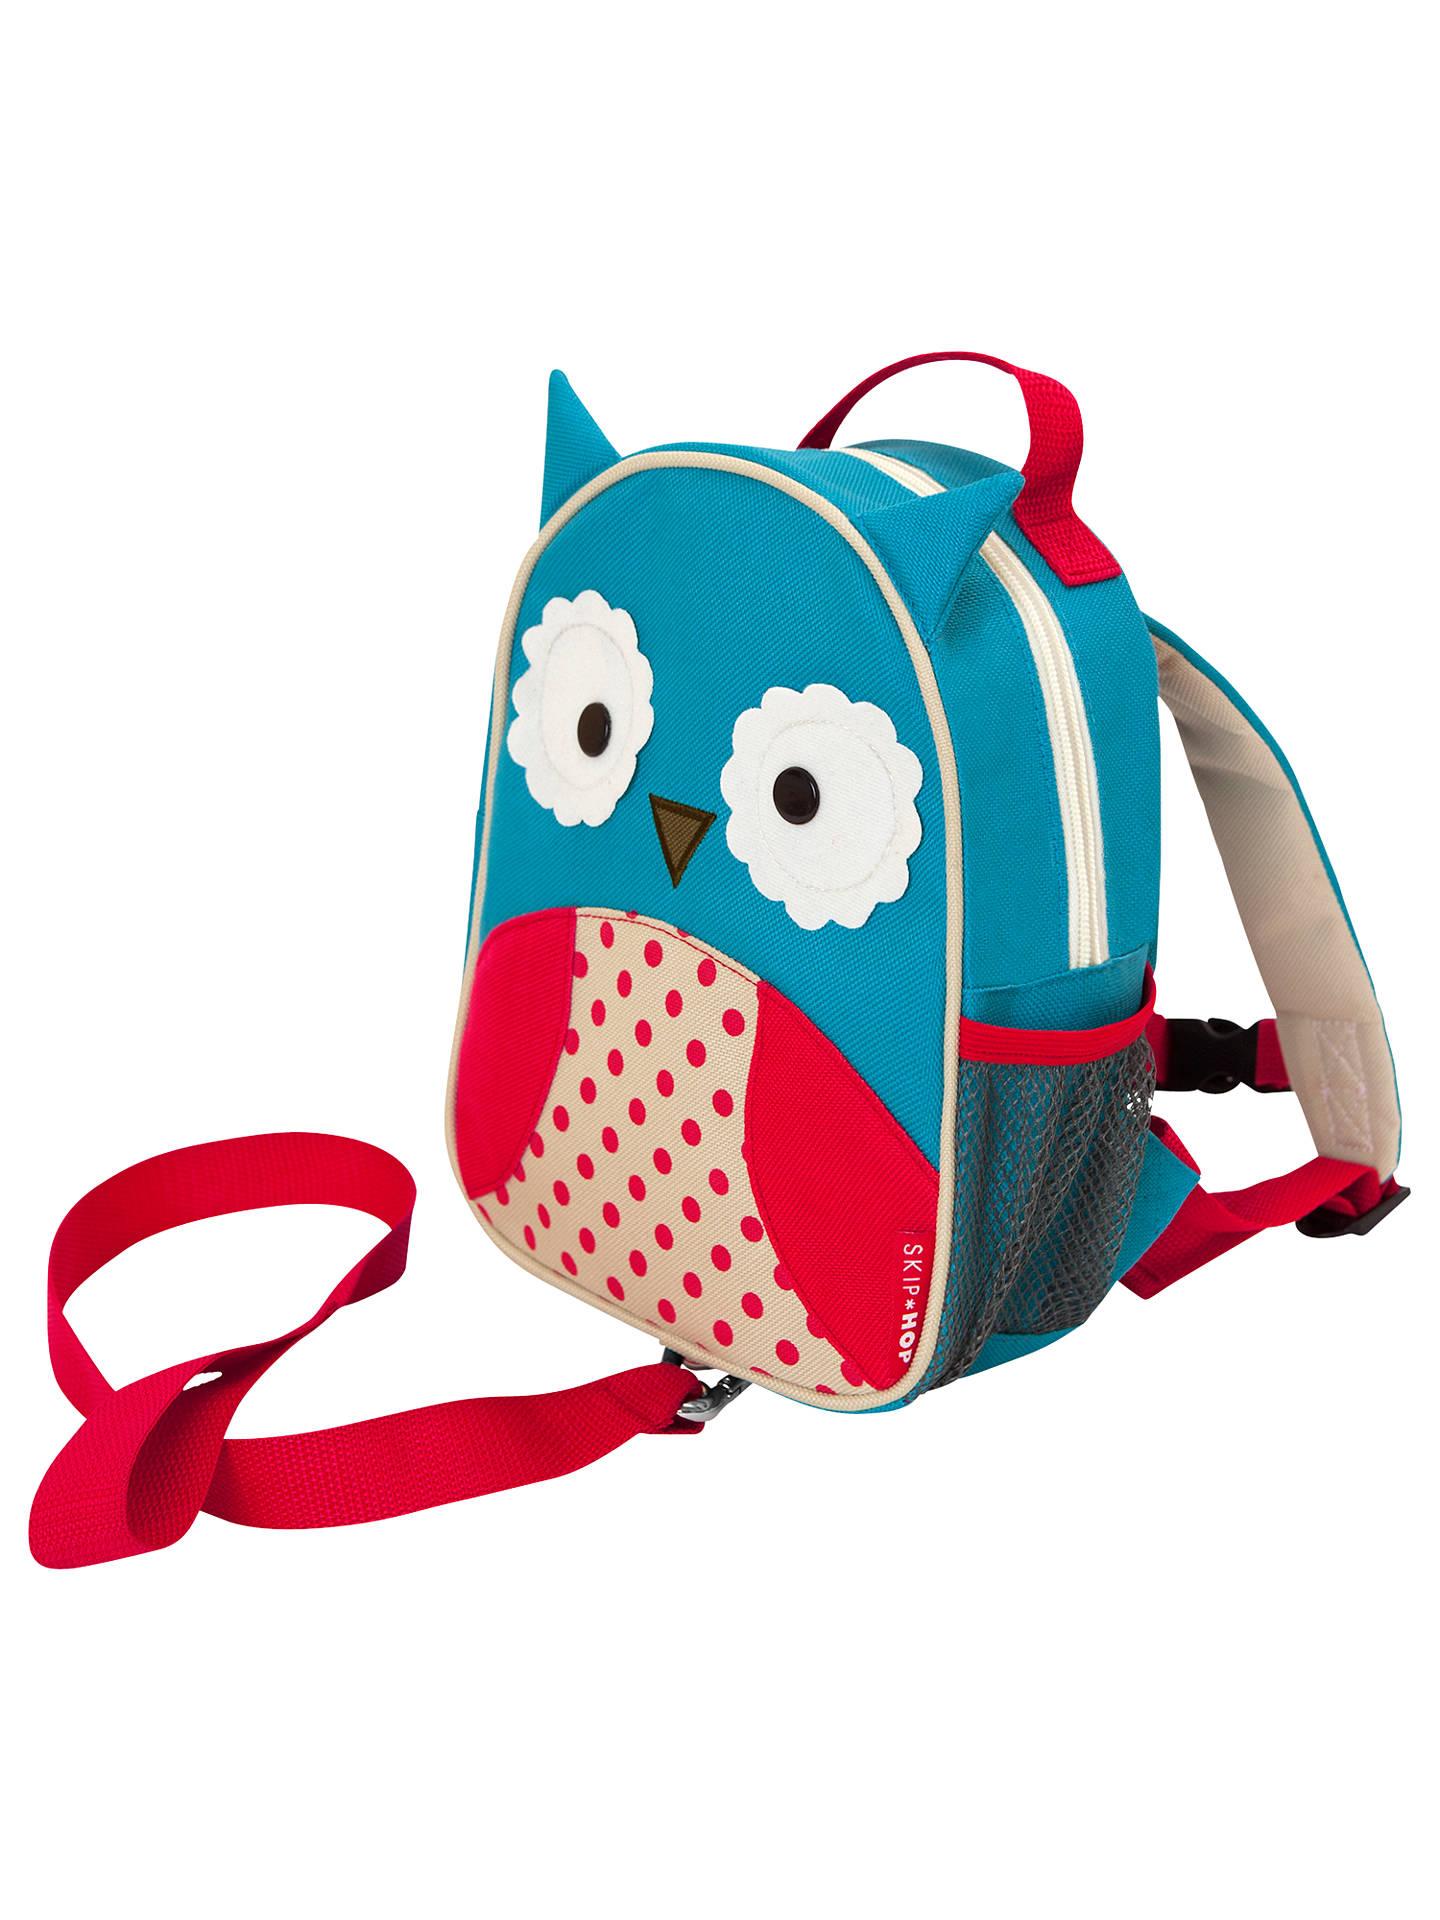 3c02b5add99 Buy Skip Hop Zoolet Toddler Backpack, Owl Online at johnlewis.com ...